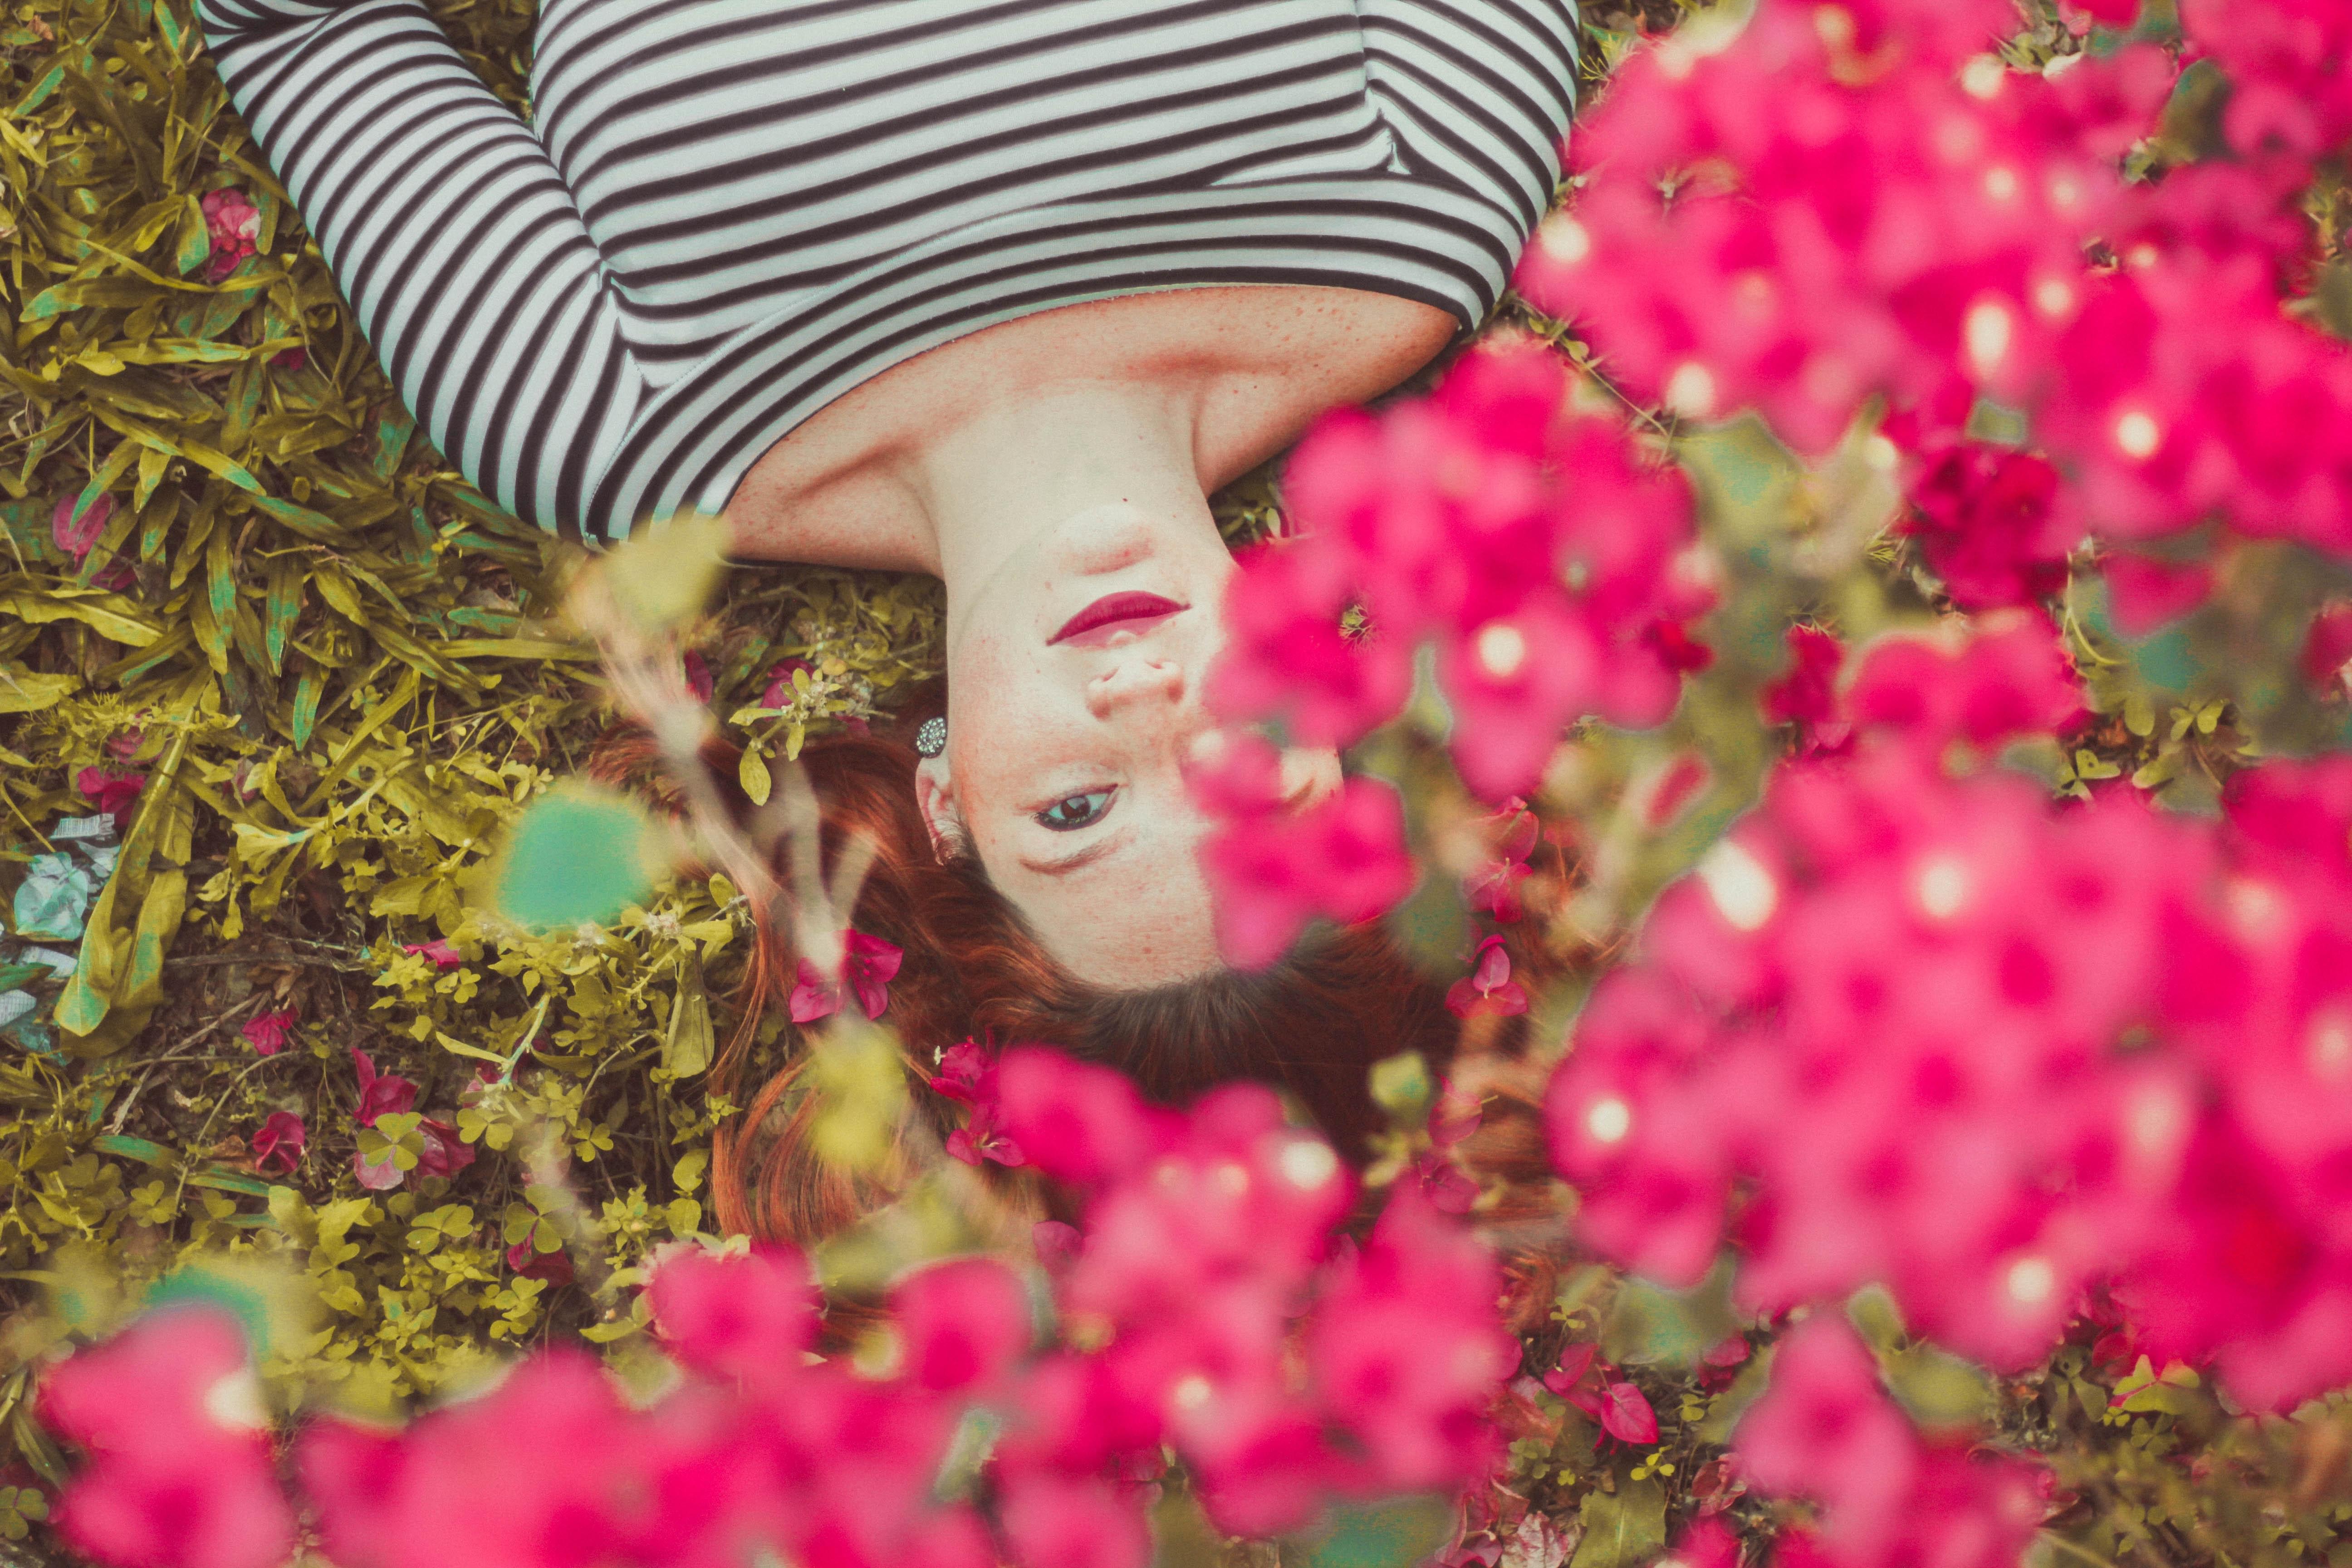 perspectiva superior de mulher deitada na relva com flores a olhar para a cima vestida com camisola branca às riscas pretas